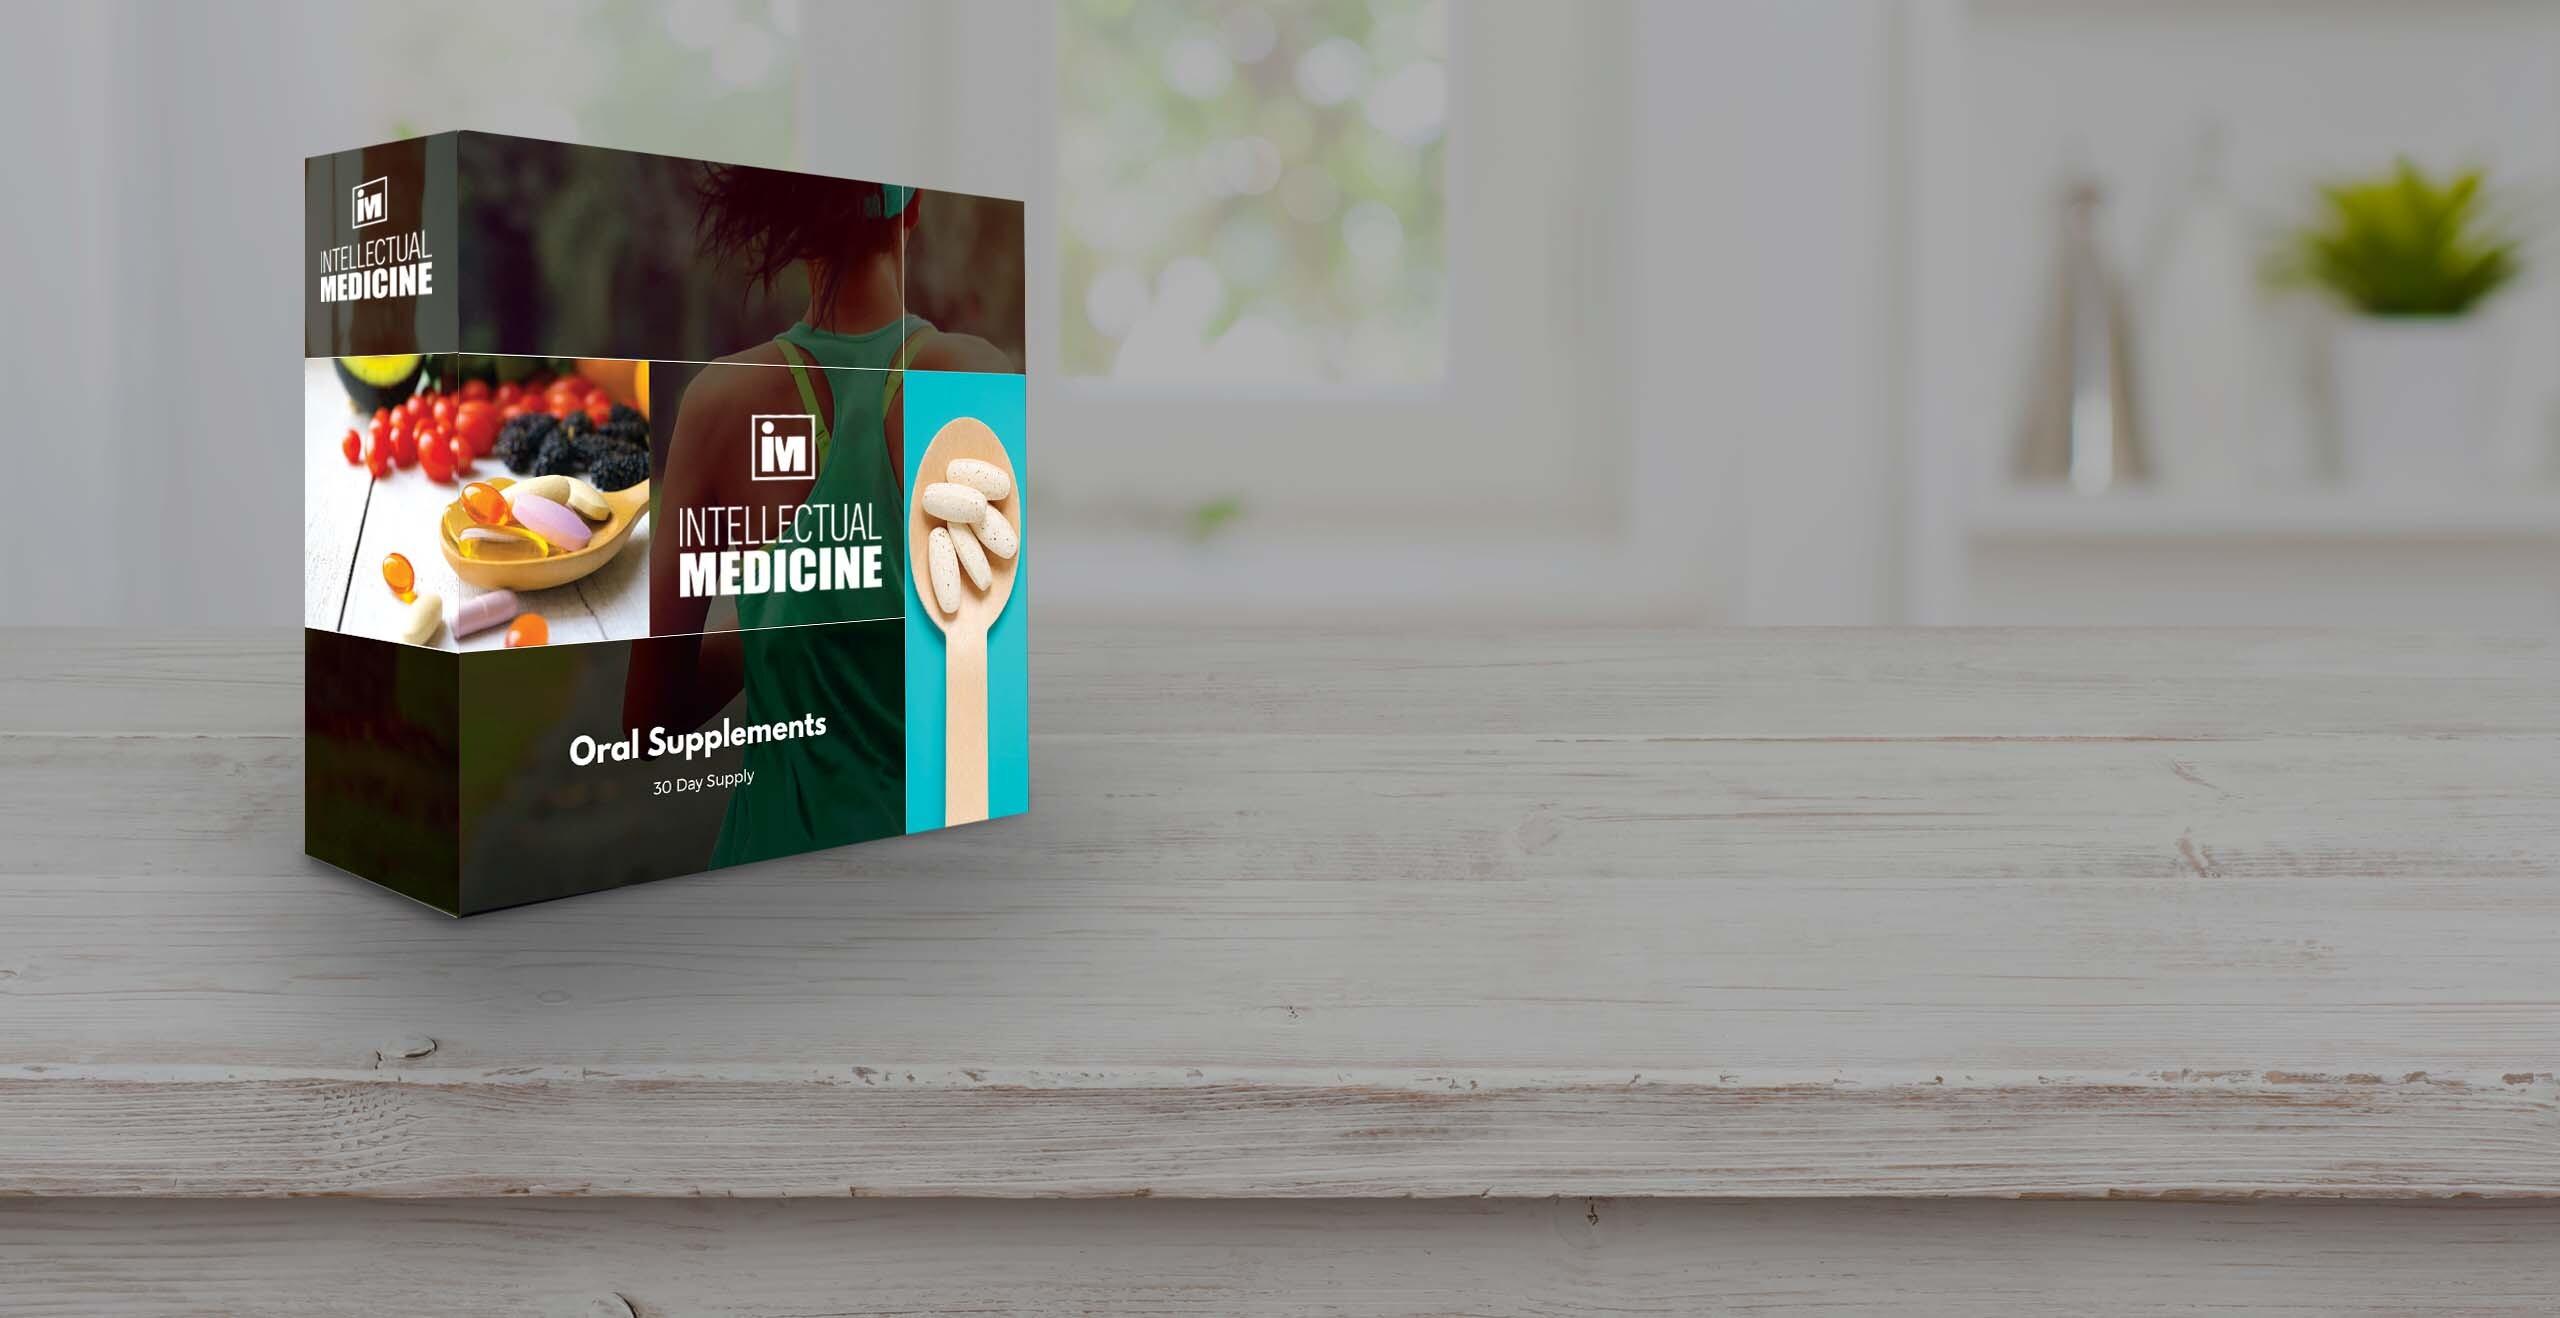 IM-Vitamin Box